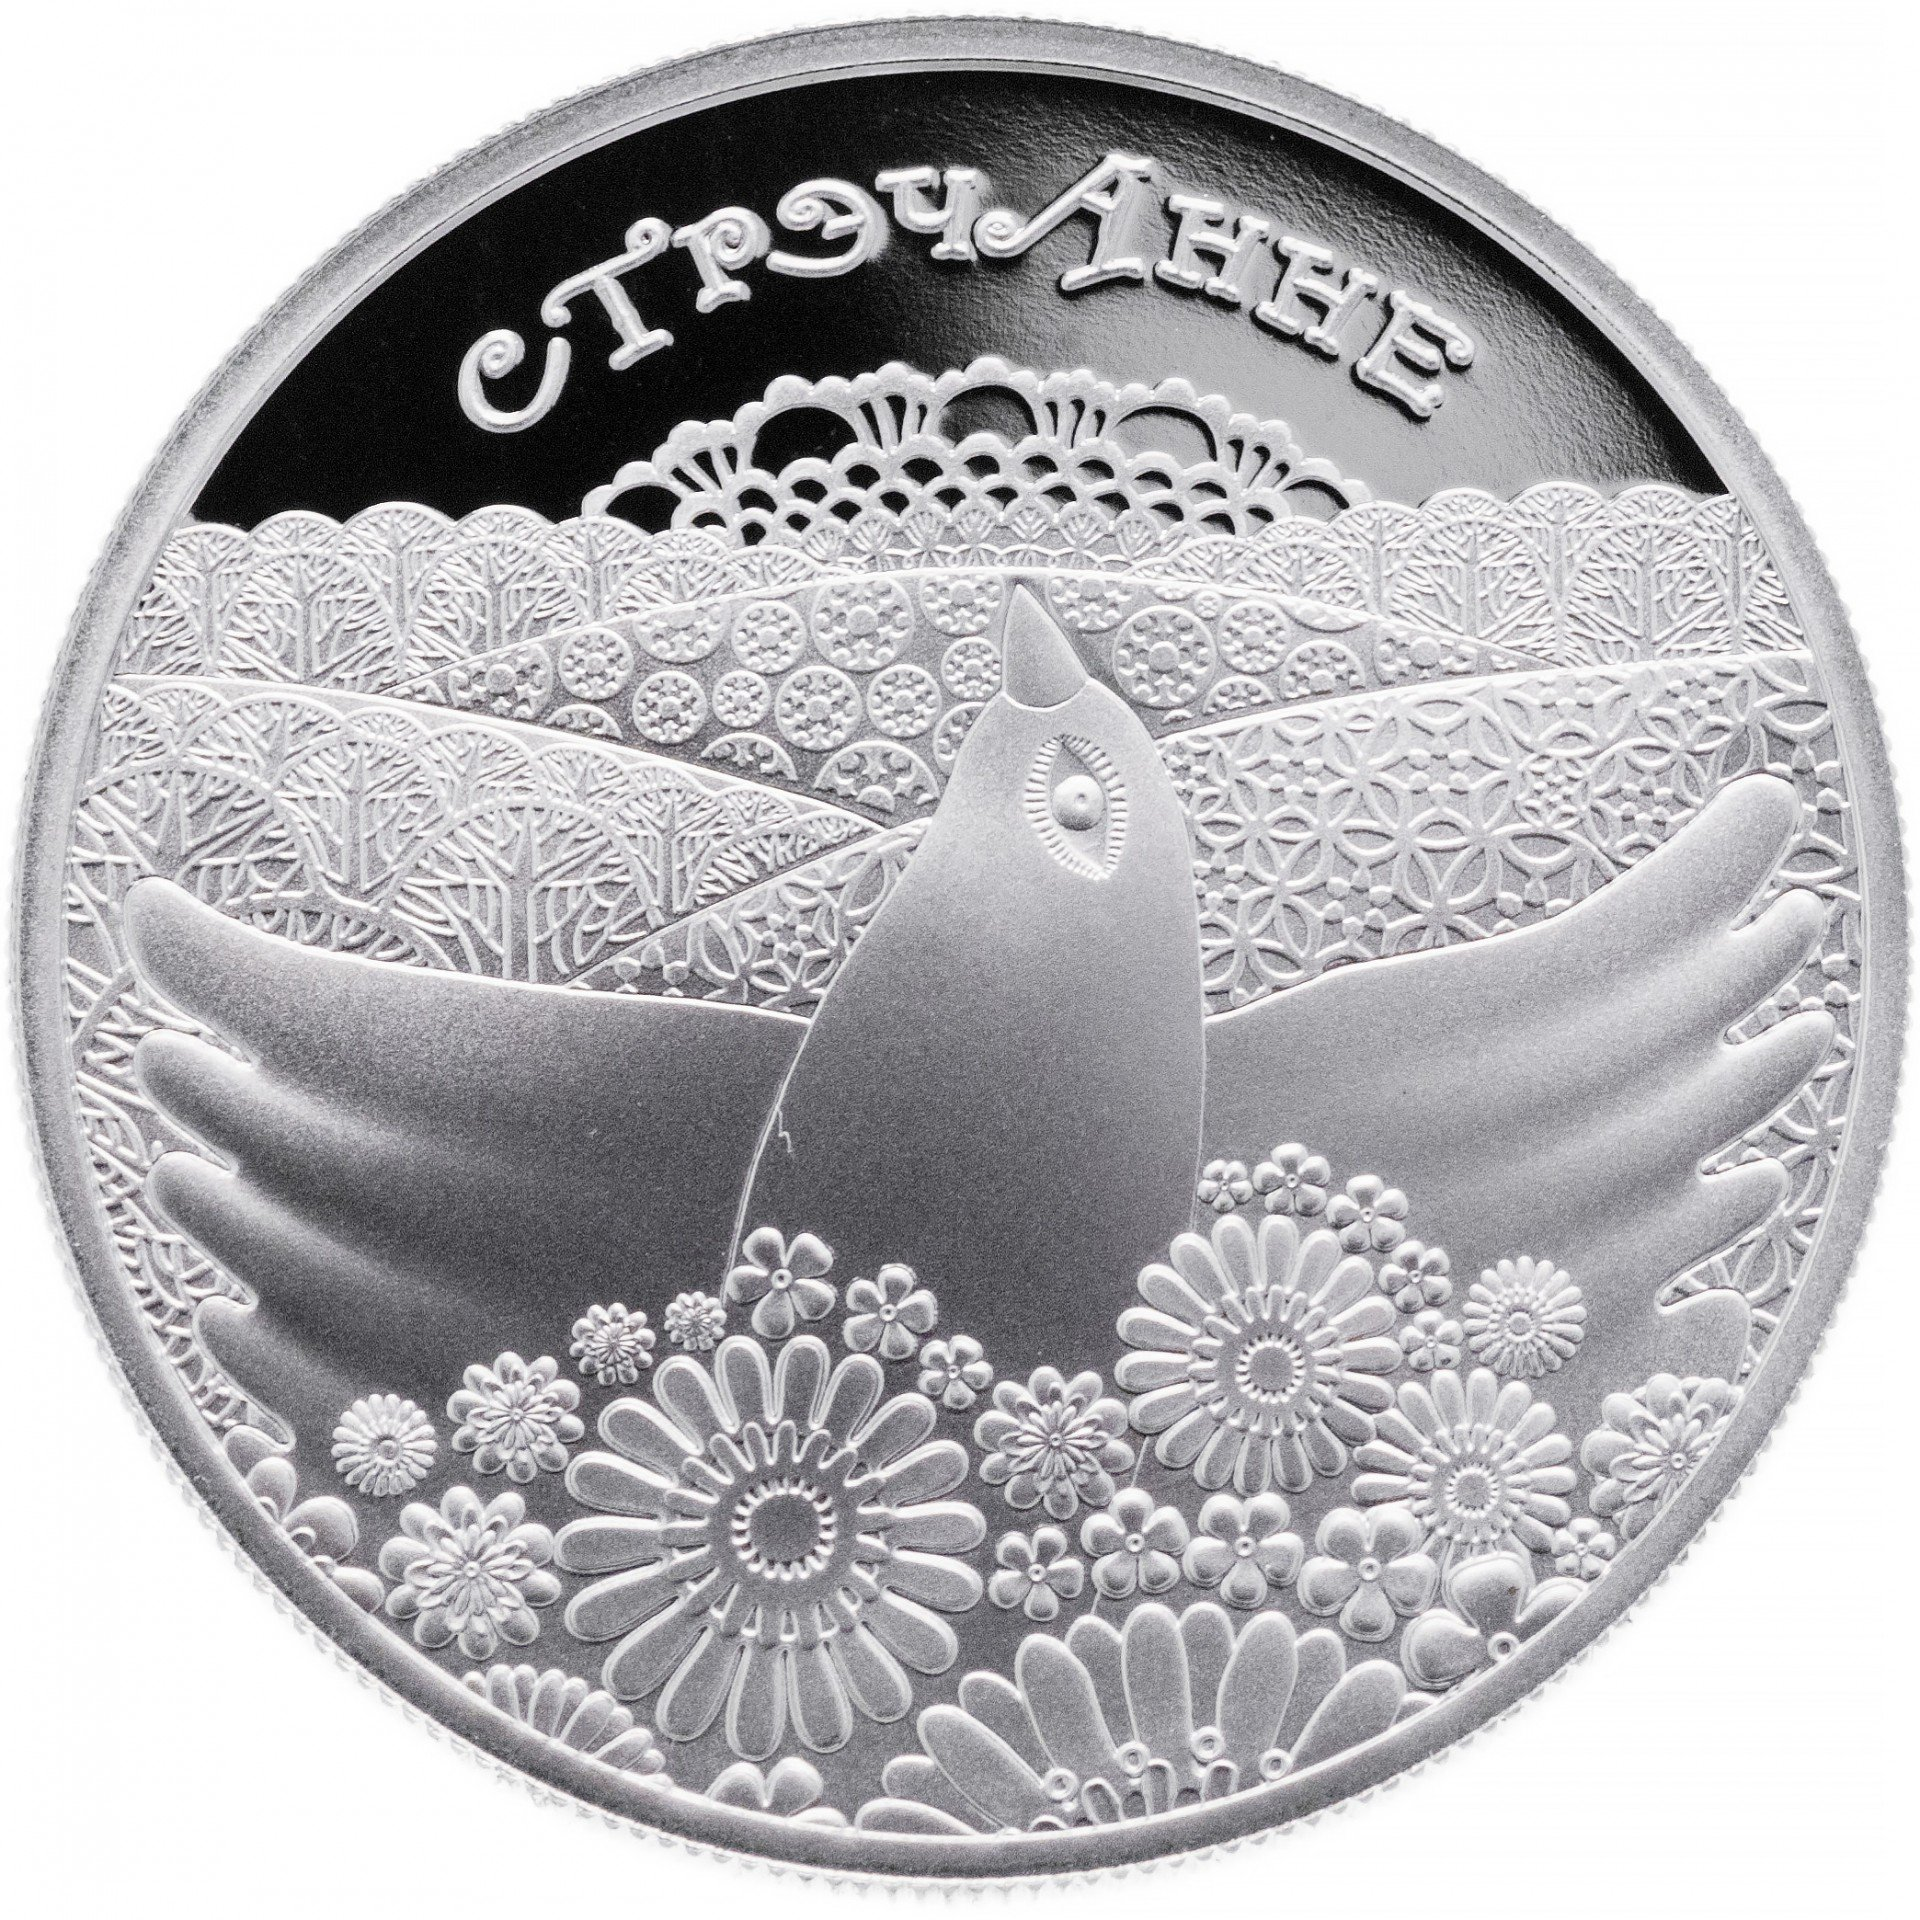 1 рубль 2010 сретенье монеты украины купить в киеве